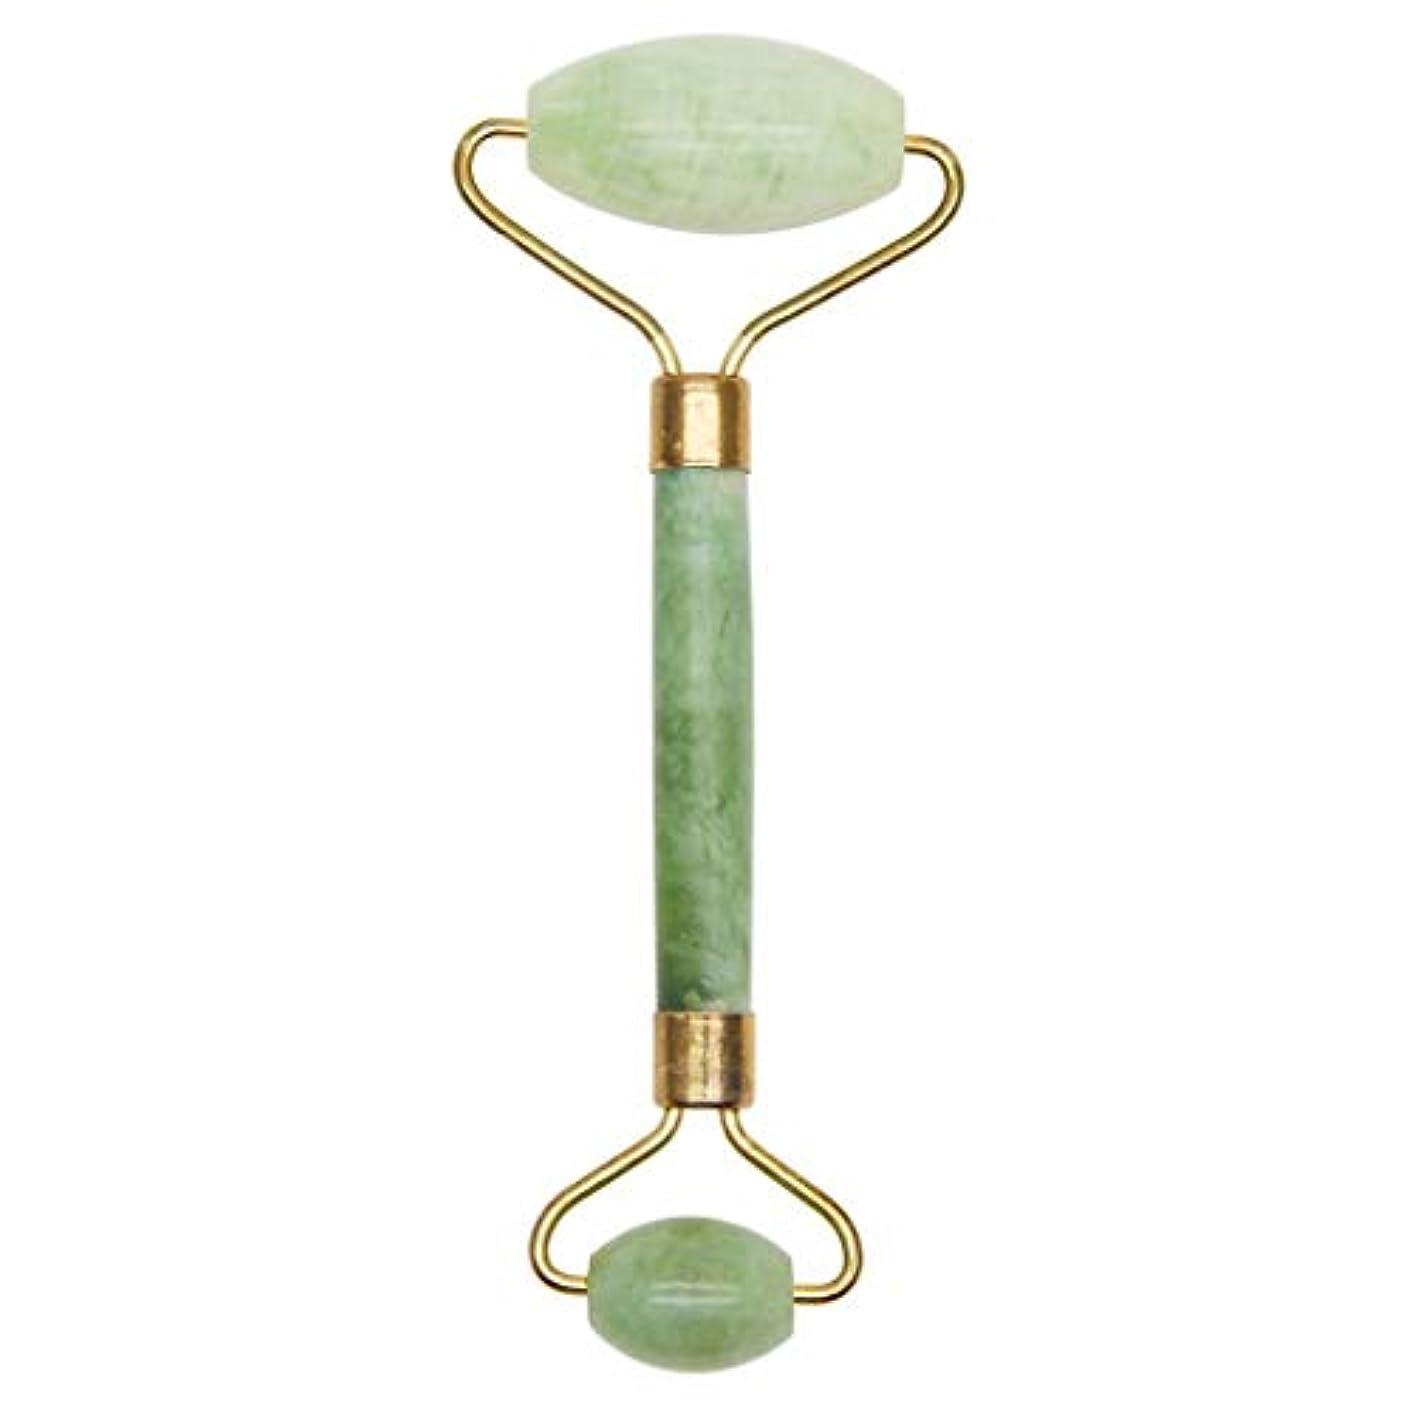 自然なXiuyushiの美棒のマッサージのヒスイのローラー押す表面および目薄い表面の美のヒスイの球のマッサージャー